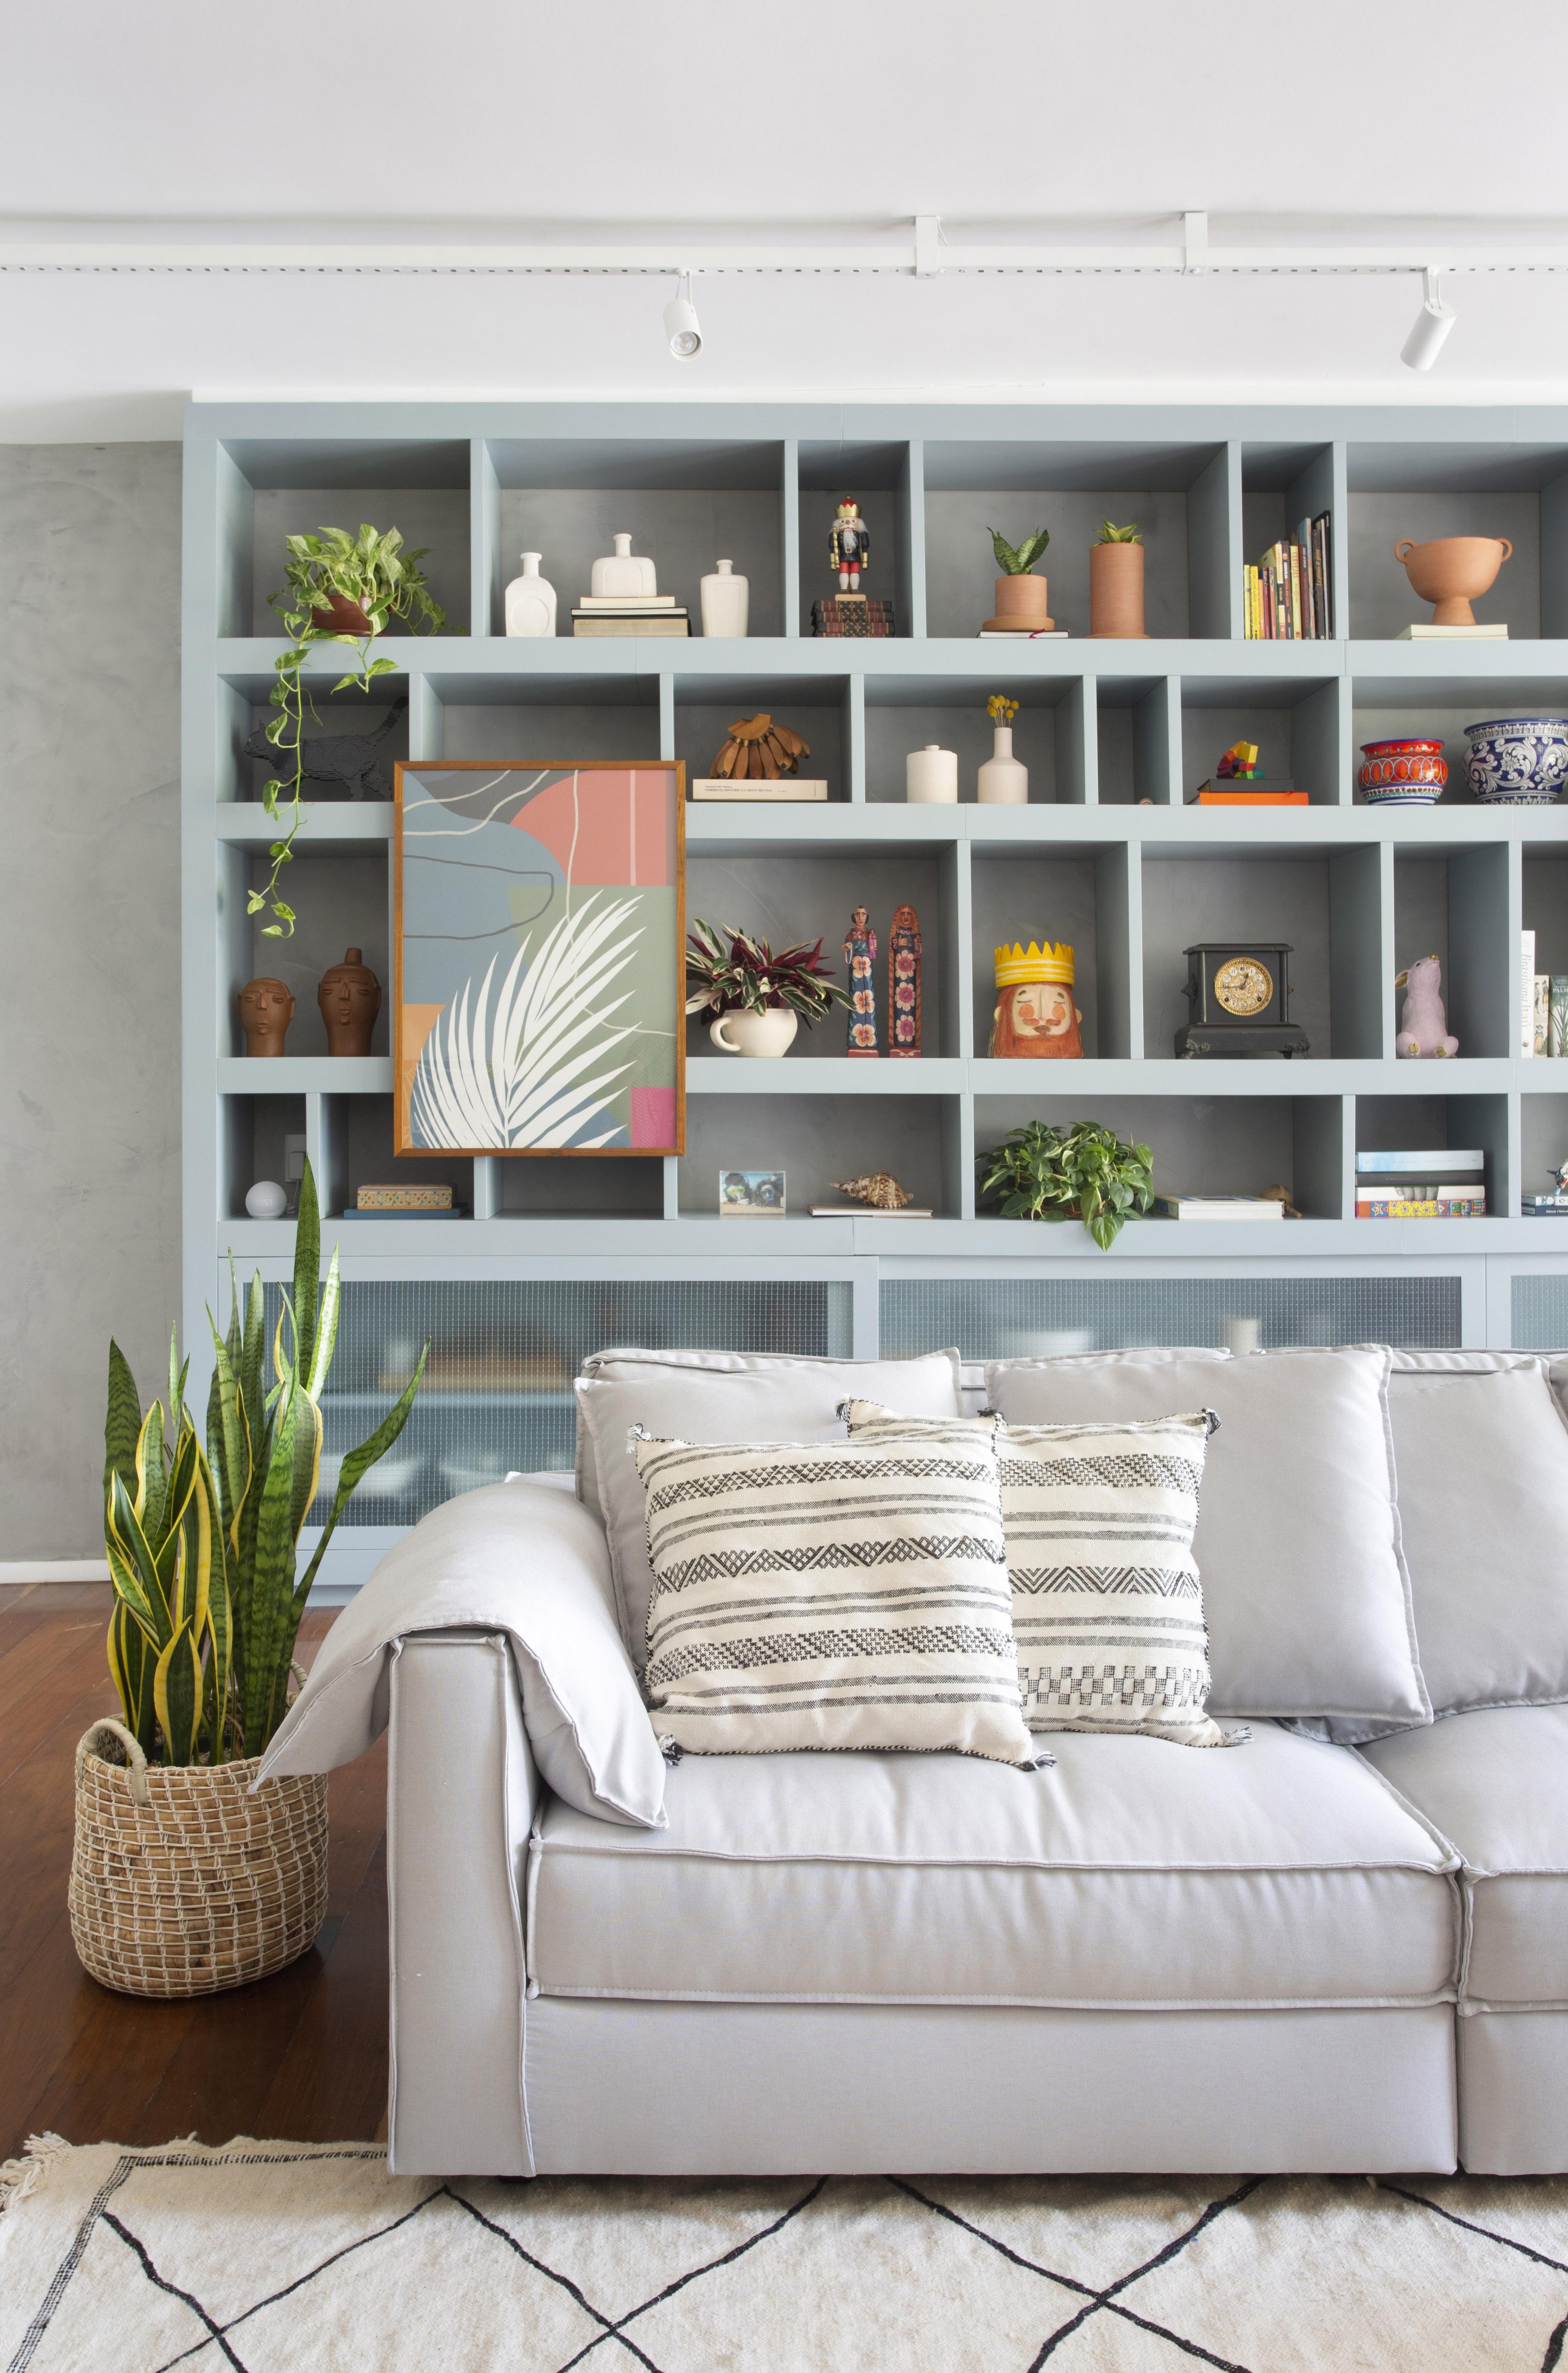 Sala de estar com estante nichada em azul e sofá de tom claro ao lado de um vaso de plantas